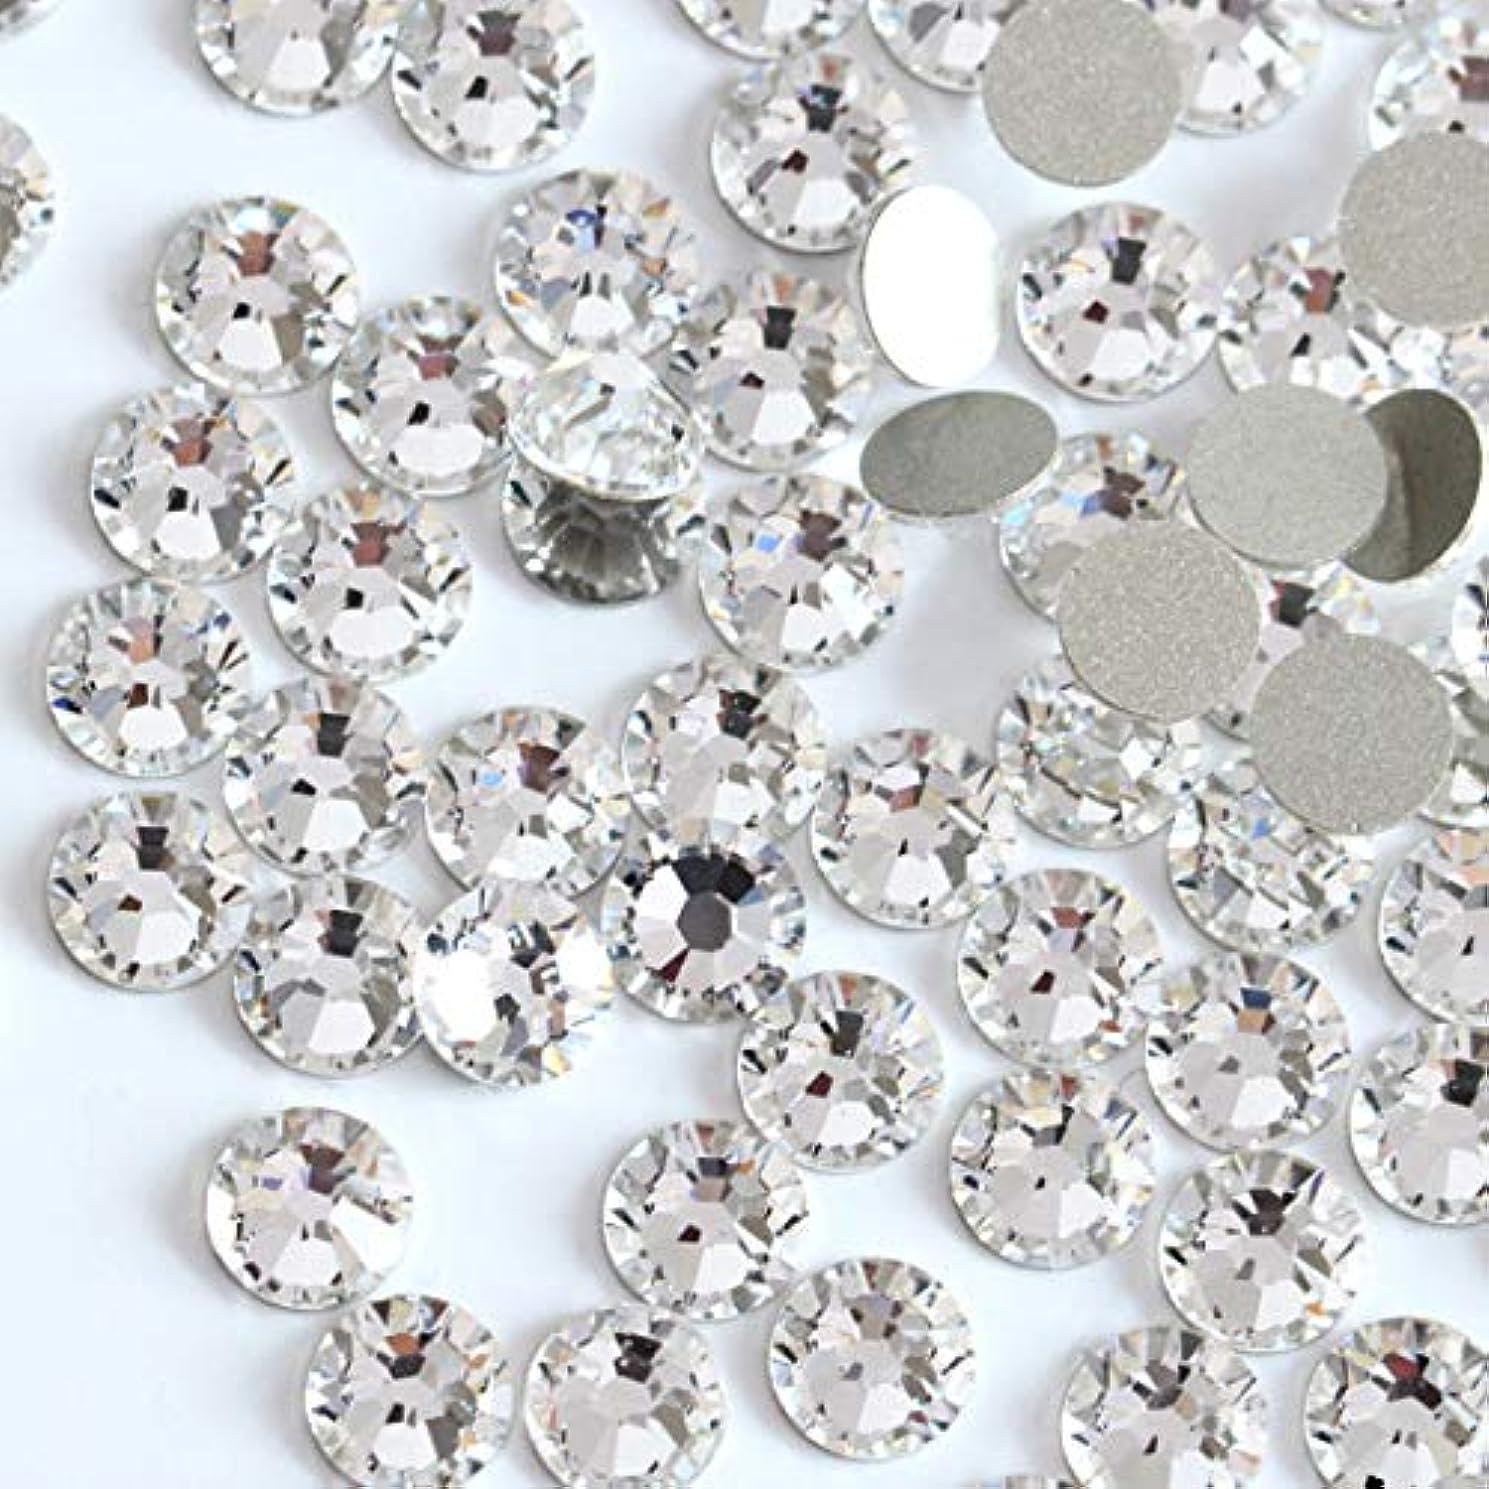 整理する支給不変【ラインストーン77】 高品質ガラス製ラインストーン クリスタル(7.1mm (SS34) 約30粒)